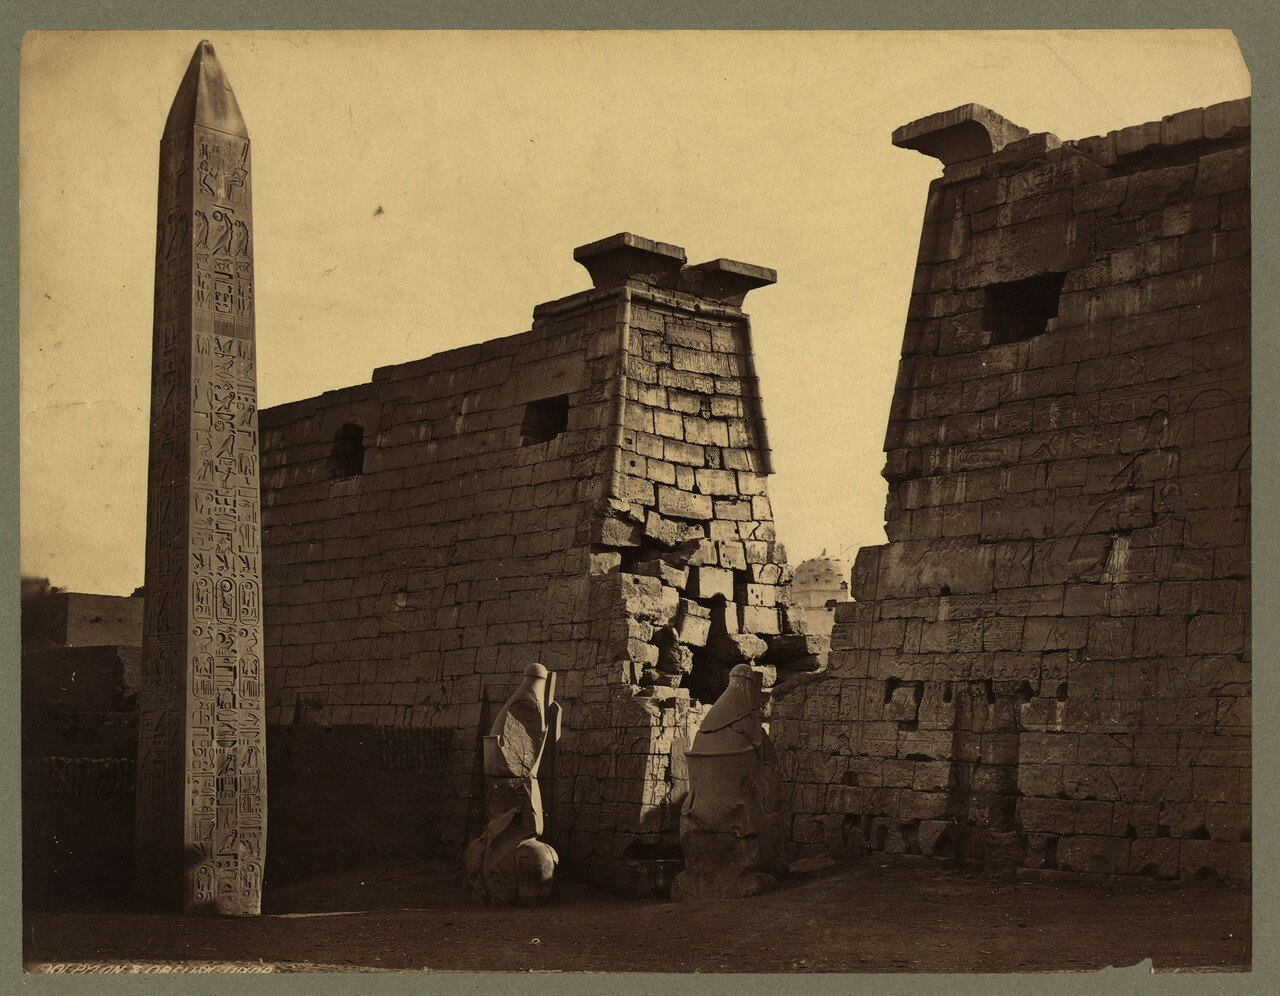 Луксор. Пилон и Обелиск. 1856